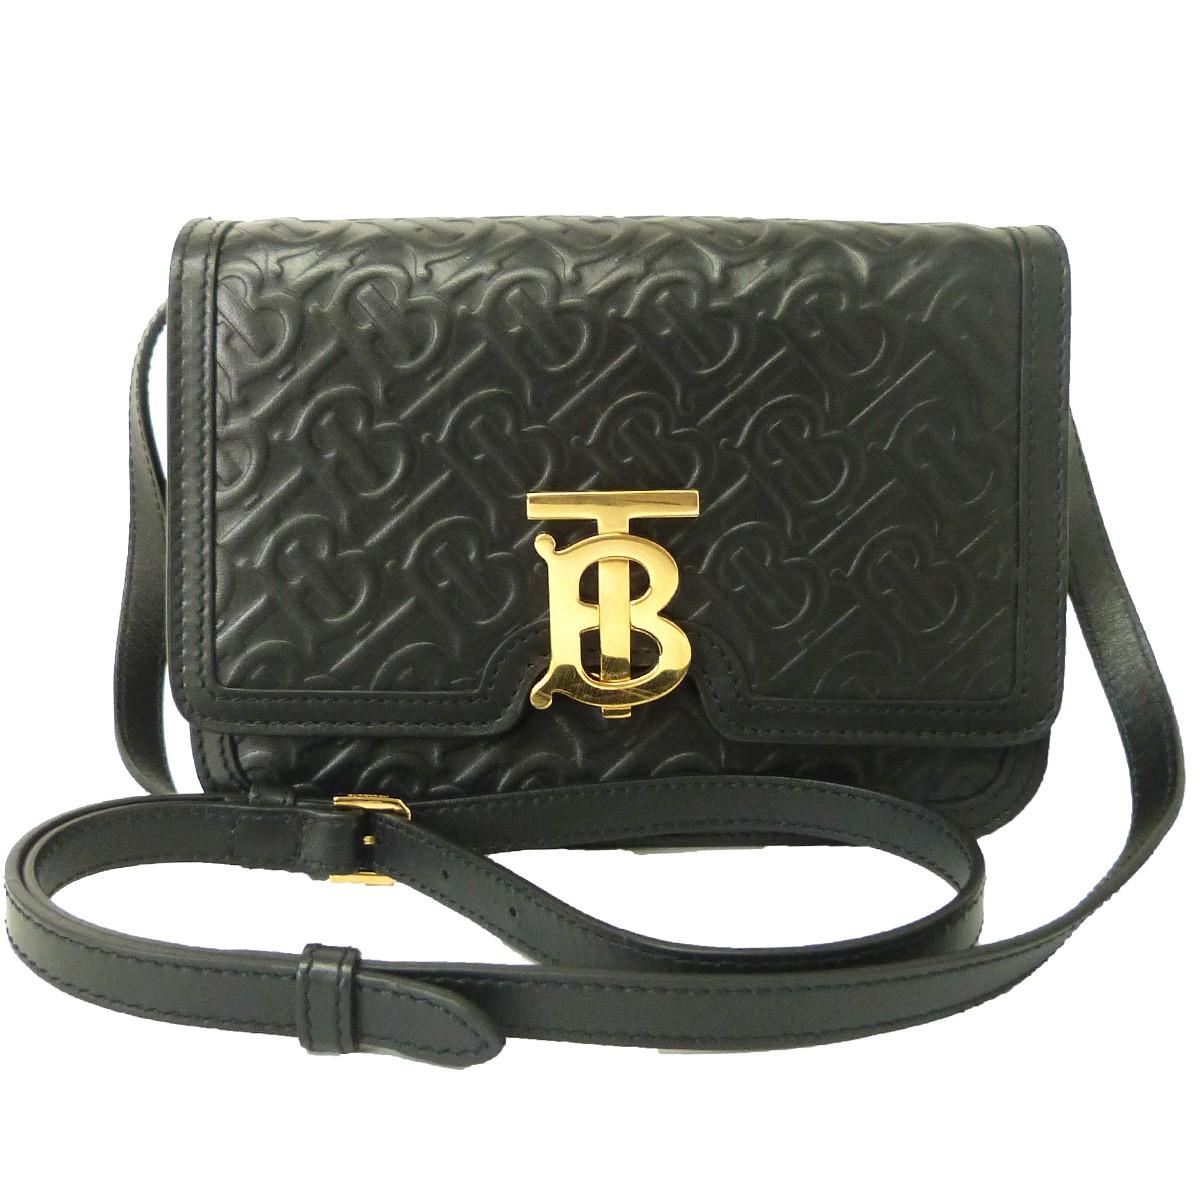 【中古】BURBERRY ミニキルティングモノグラムTBバッグ ブラック サイズ:- 【170420】(バーバリー)